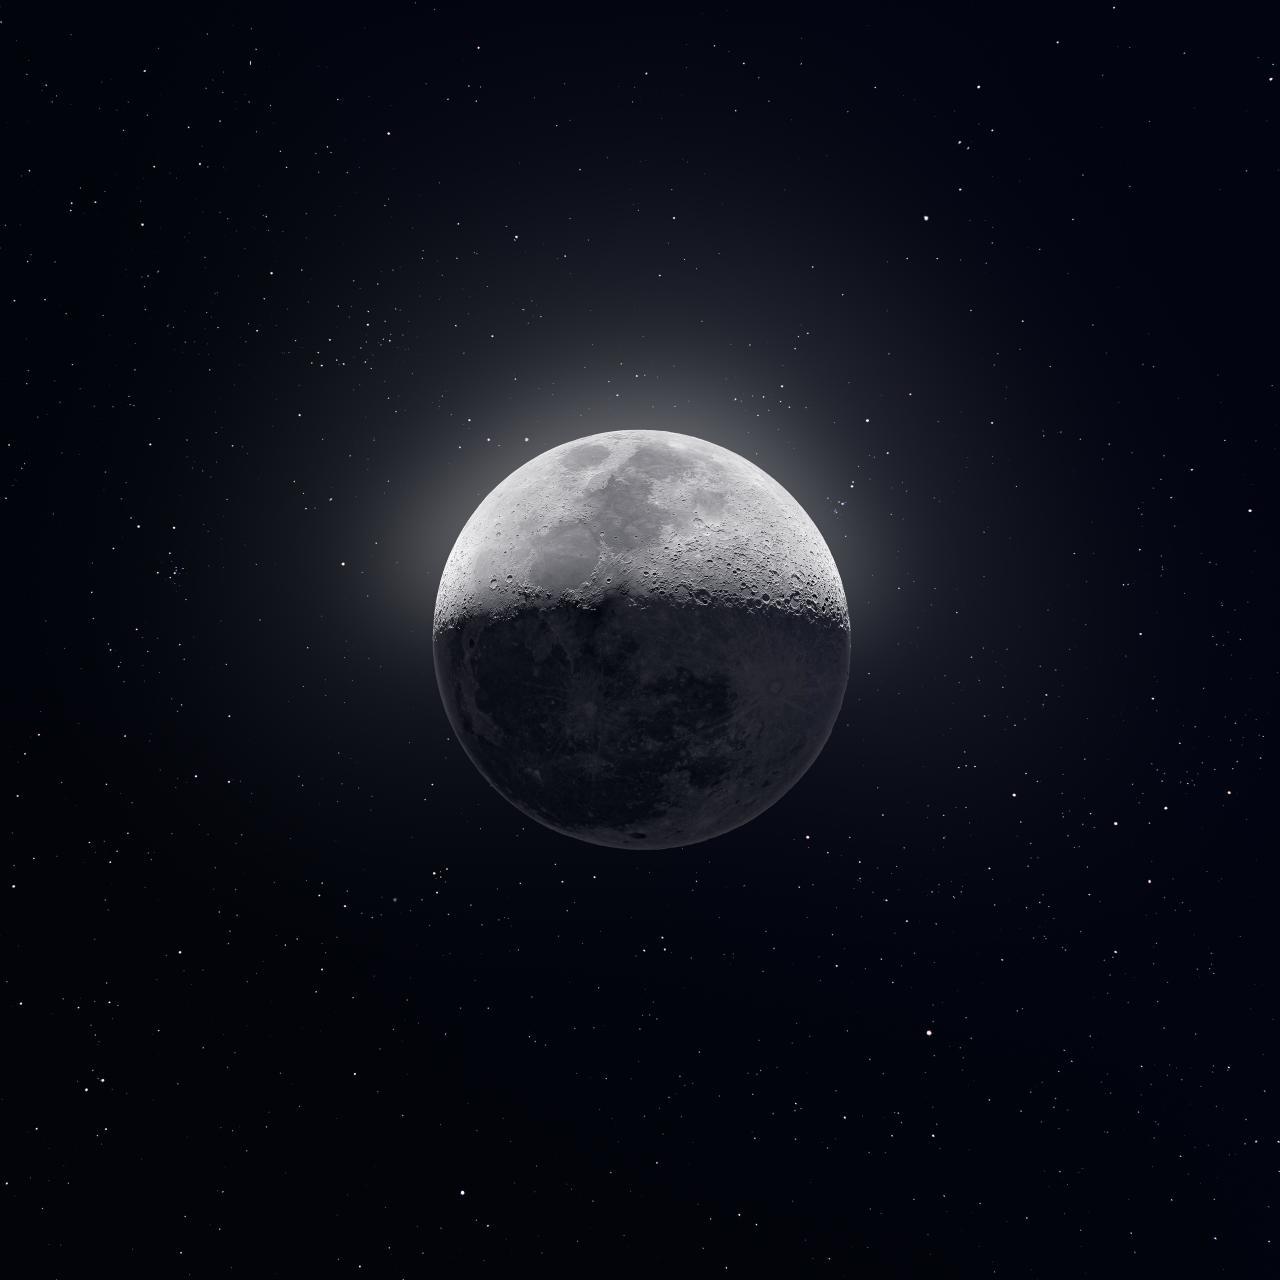 Изображение Луны, собранное из 50 тыс. снимков